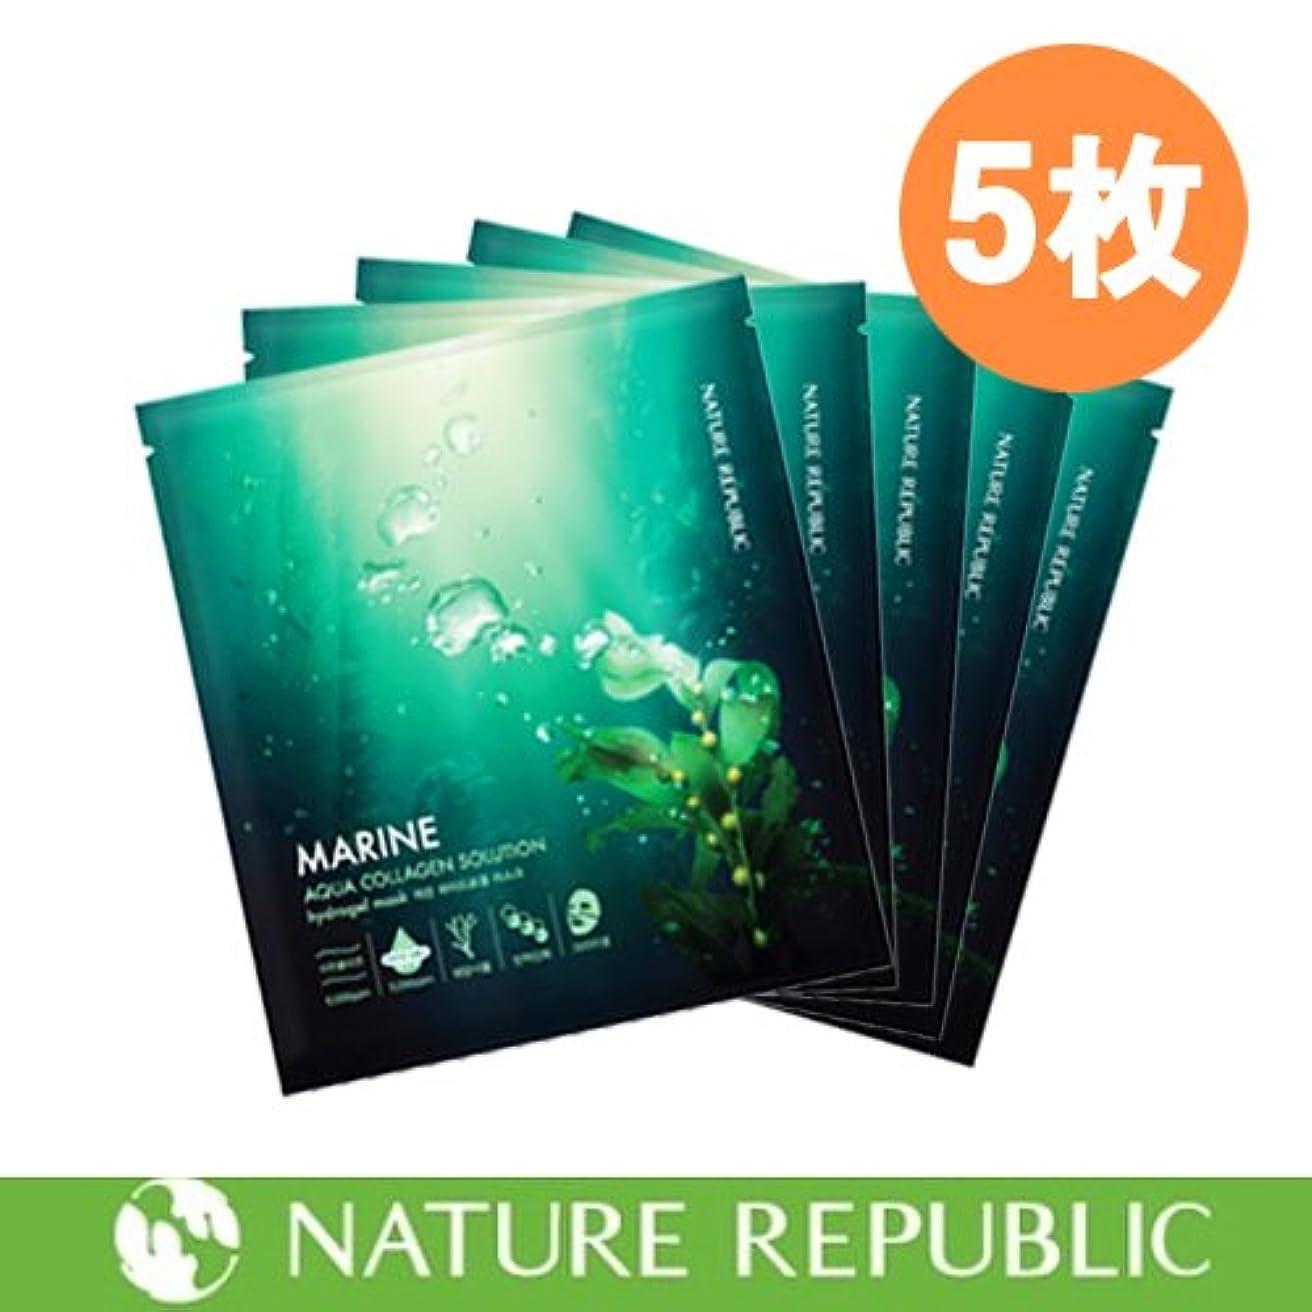 もっともらしい急襲お世話になったNATURE REPUBLIC(ネイチャーリパブリック) Aqua Collagen アクアコラーゲンソリューション マリン ハイドロ ゲル マスク 5枚セット[海外直送品]